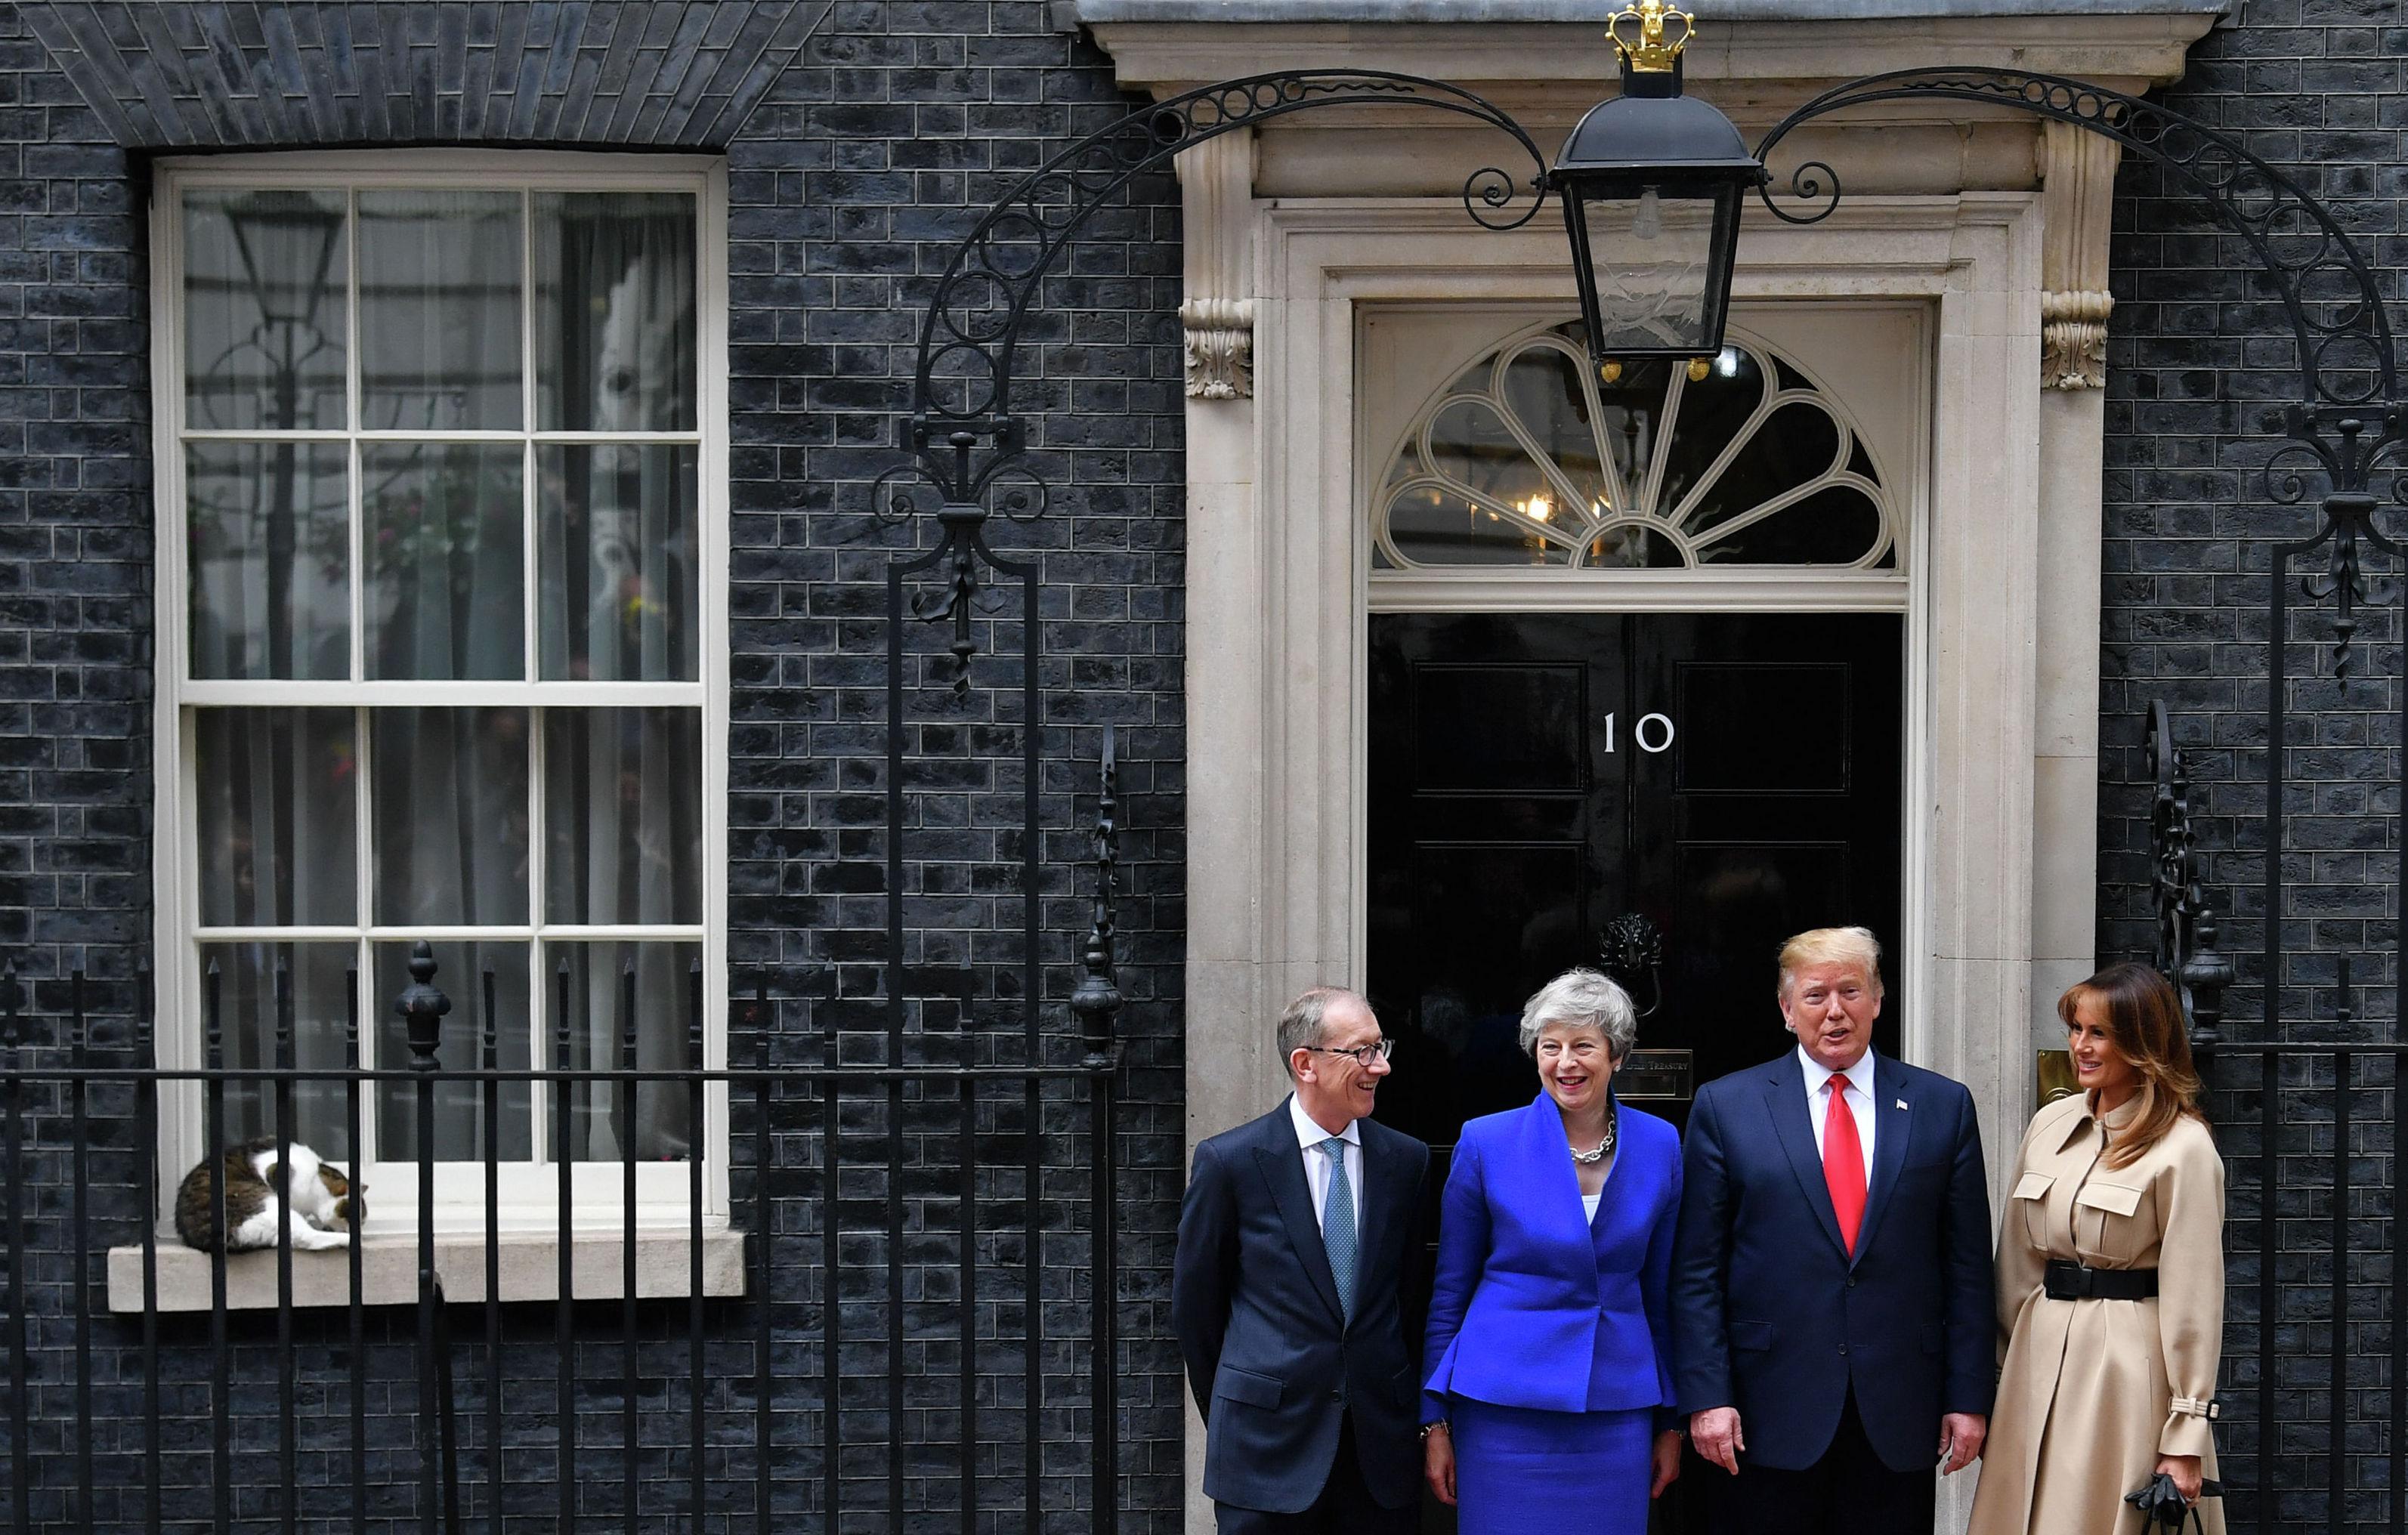 Кот Ларри сидит на подоконнике на Даунинг-стрит в то время, когда Тереза Мэй и ее муж Филип Мэй приветствуют президента США Дональда Трампа и первую леди США Меланию Трамп